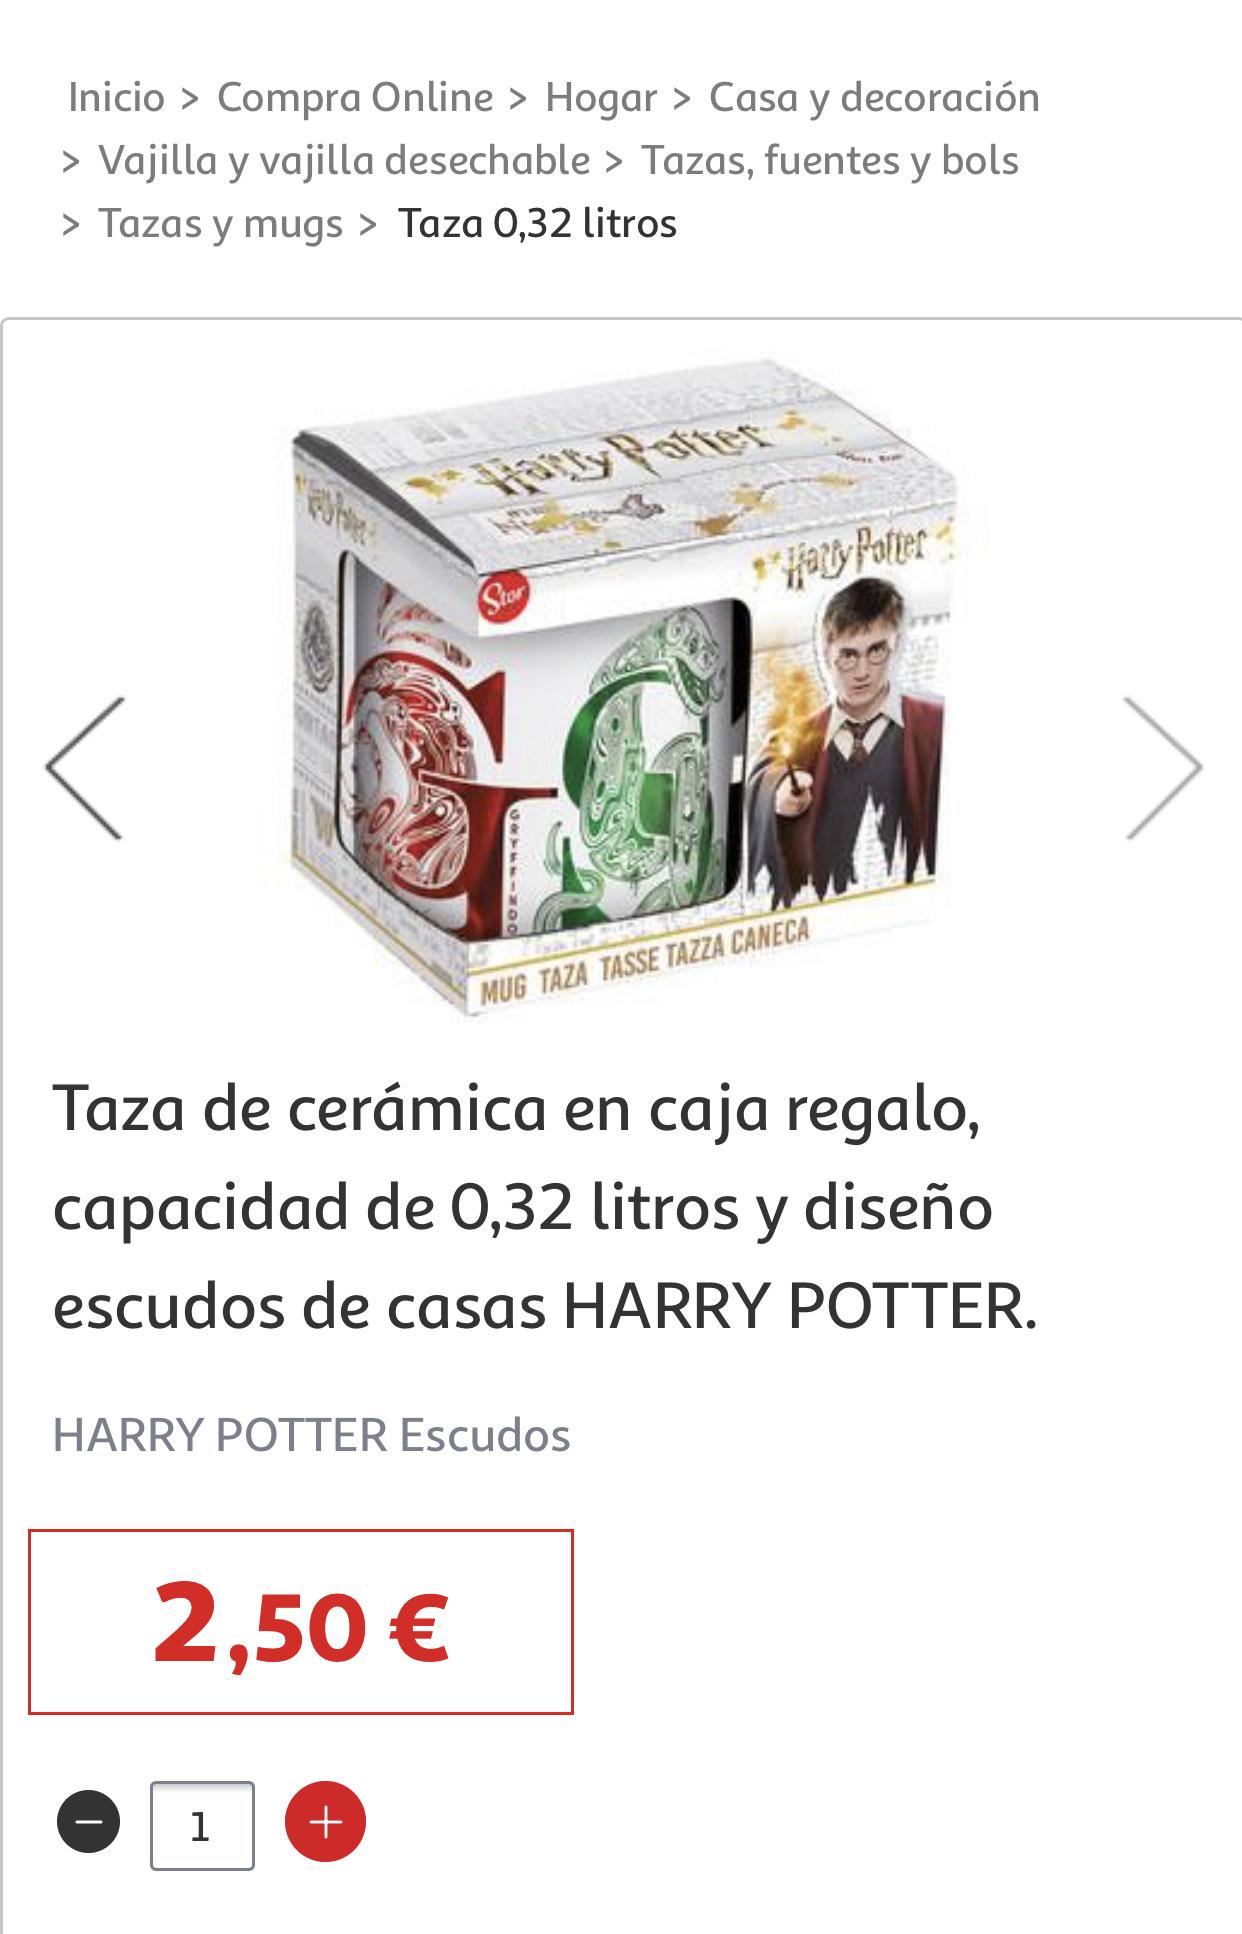 Taza Harry Potter. Alcampo Colmenar Viejo